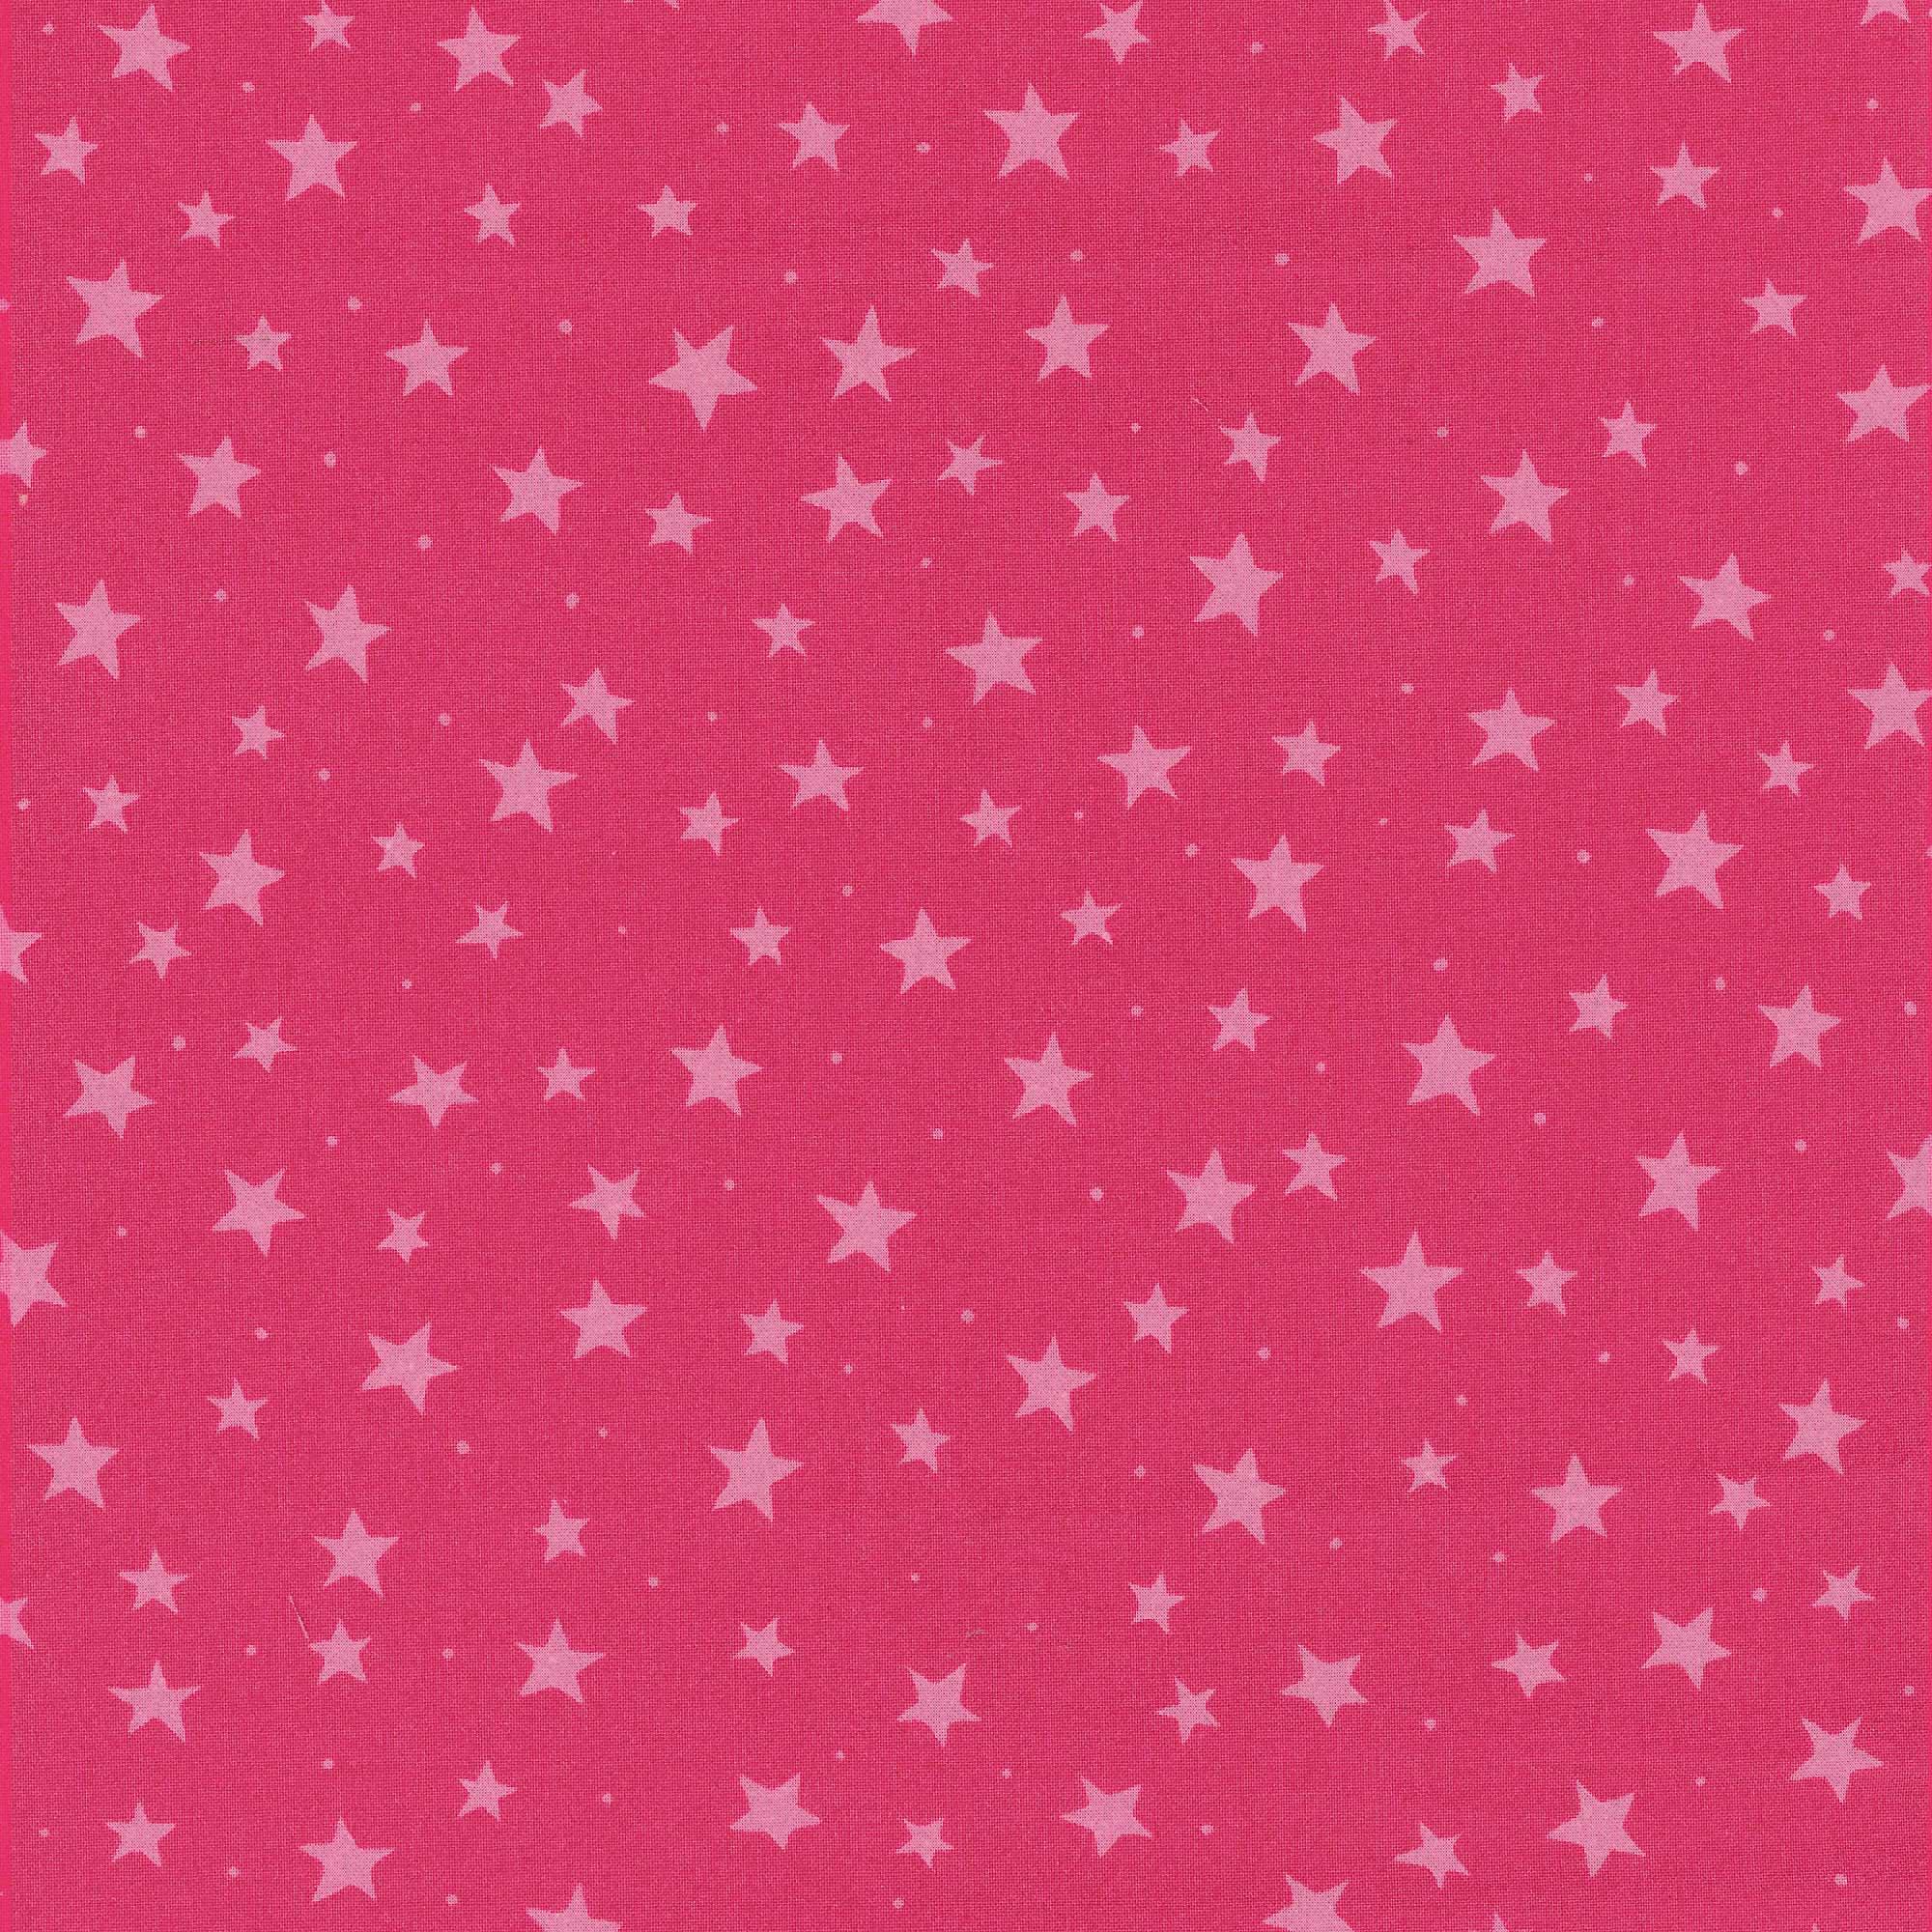 produkt_img/010518126.jpg